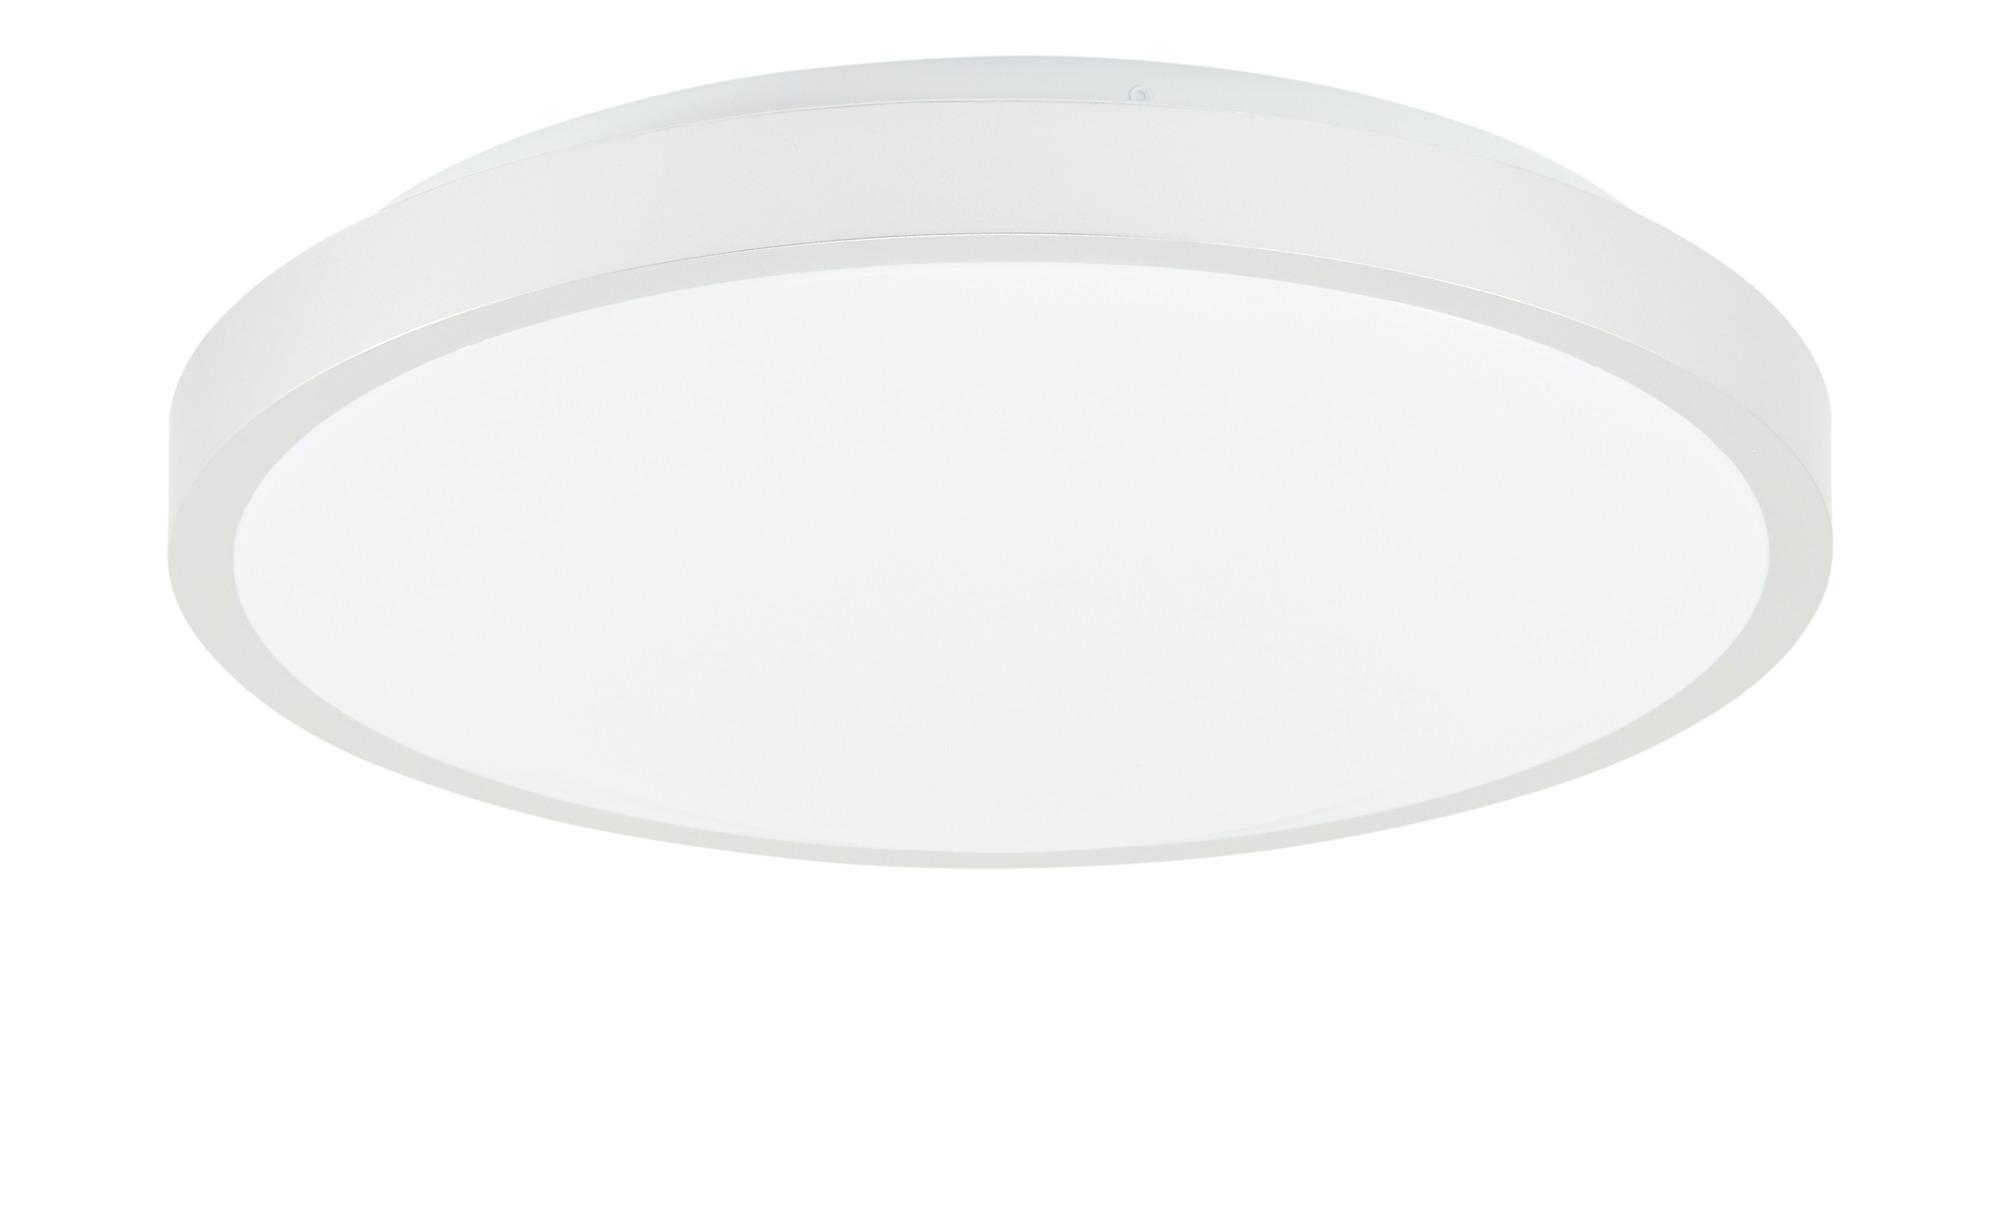 KHG LED-Deckenleuchte, 1-flammig, rund ¦ weiß ¦ Maße (cm): H: 8 Ø: 40 Lampen & Leuchten > Innenleuchten > Deckenleuchten - Höffner